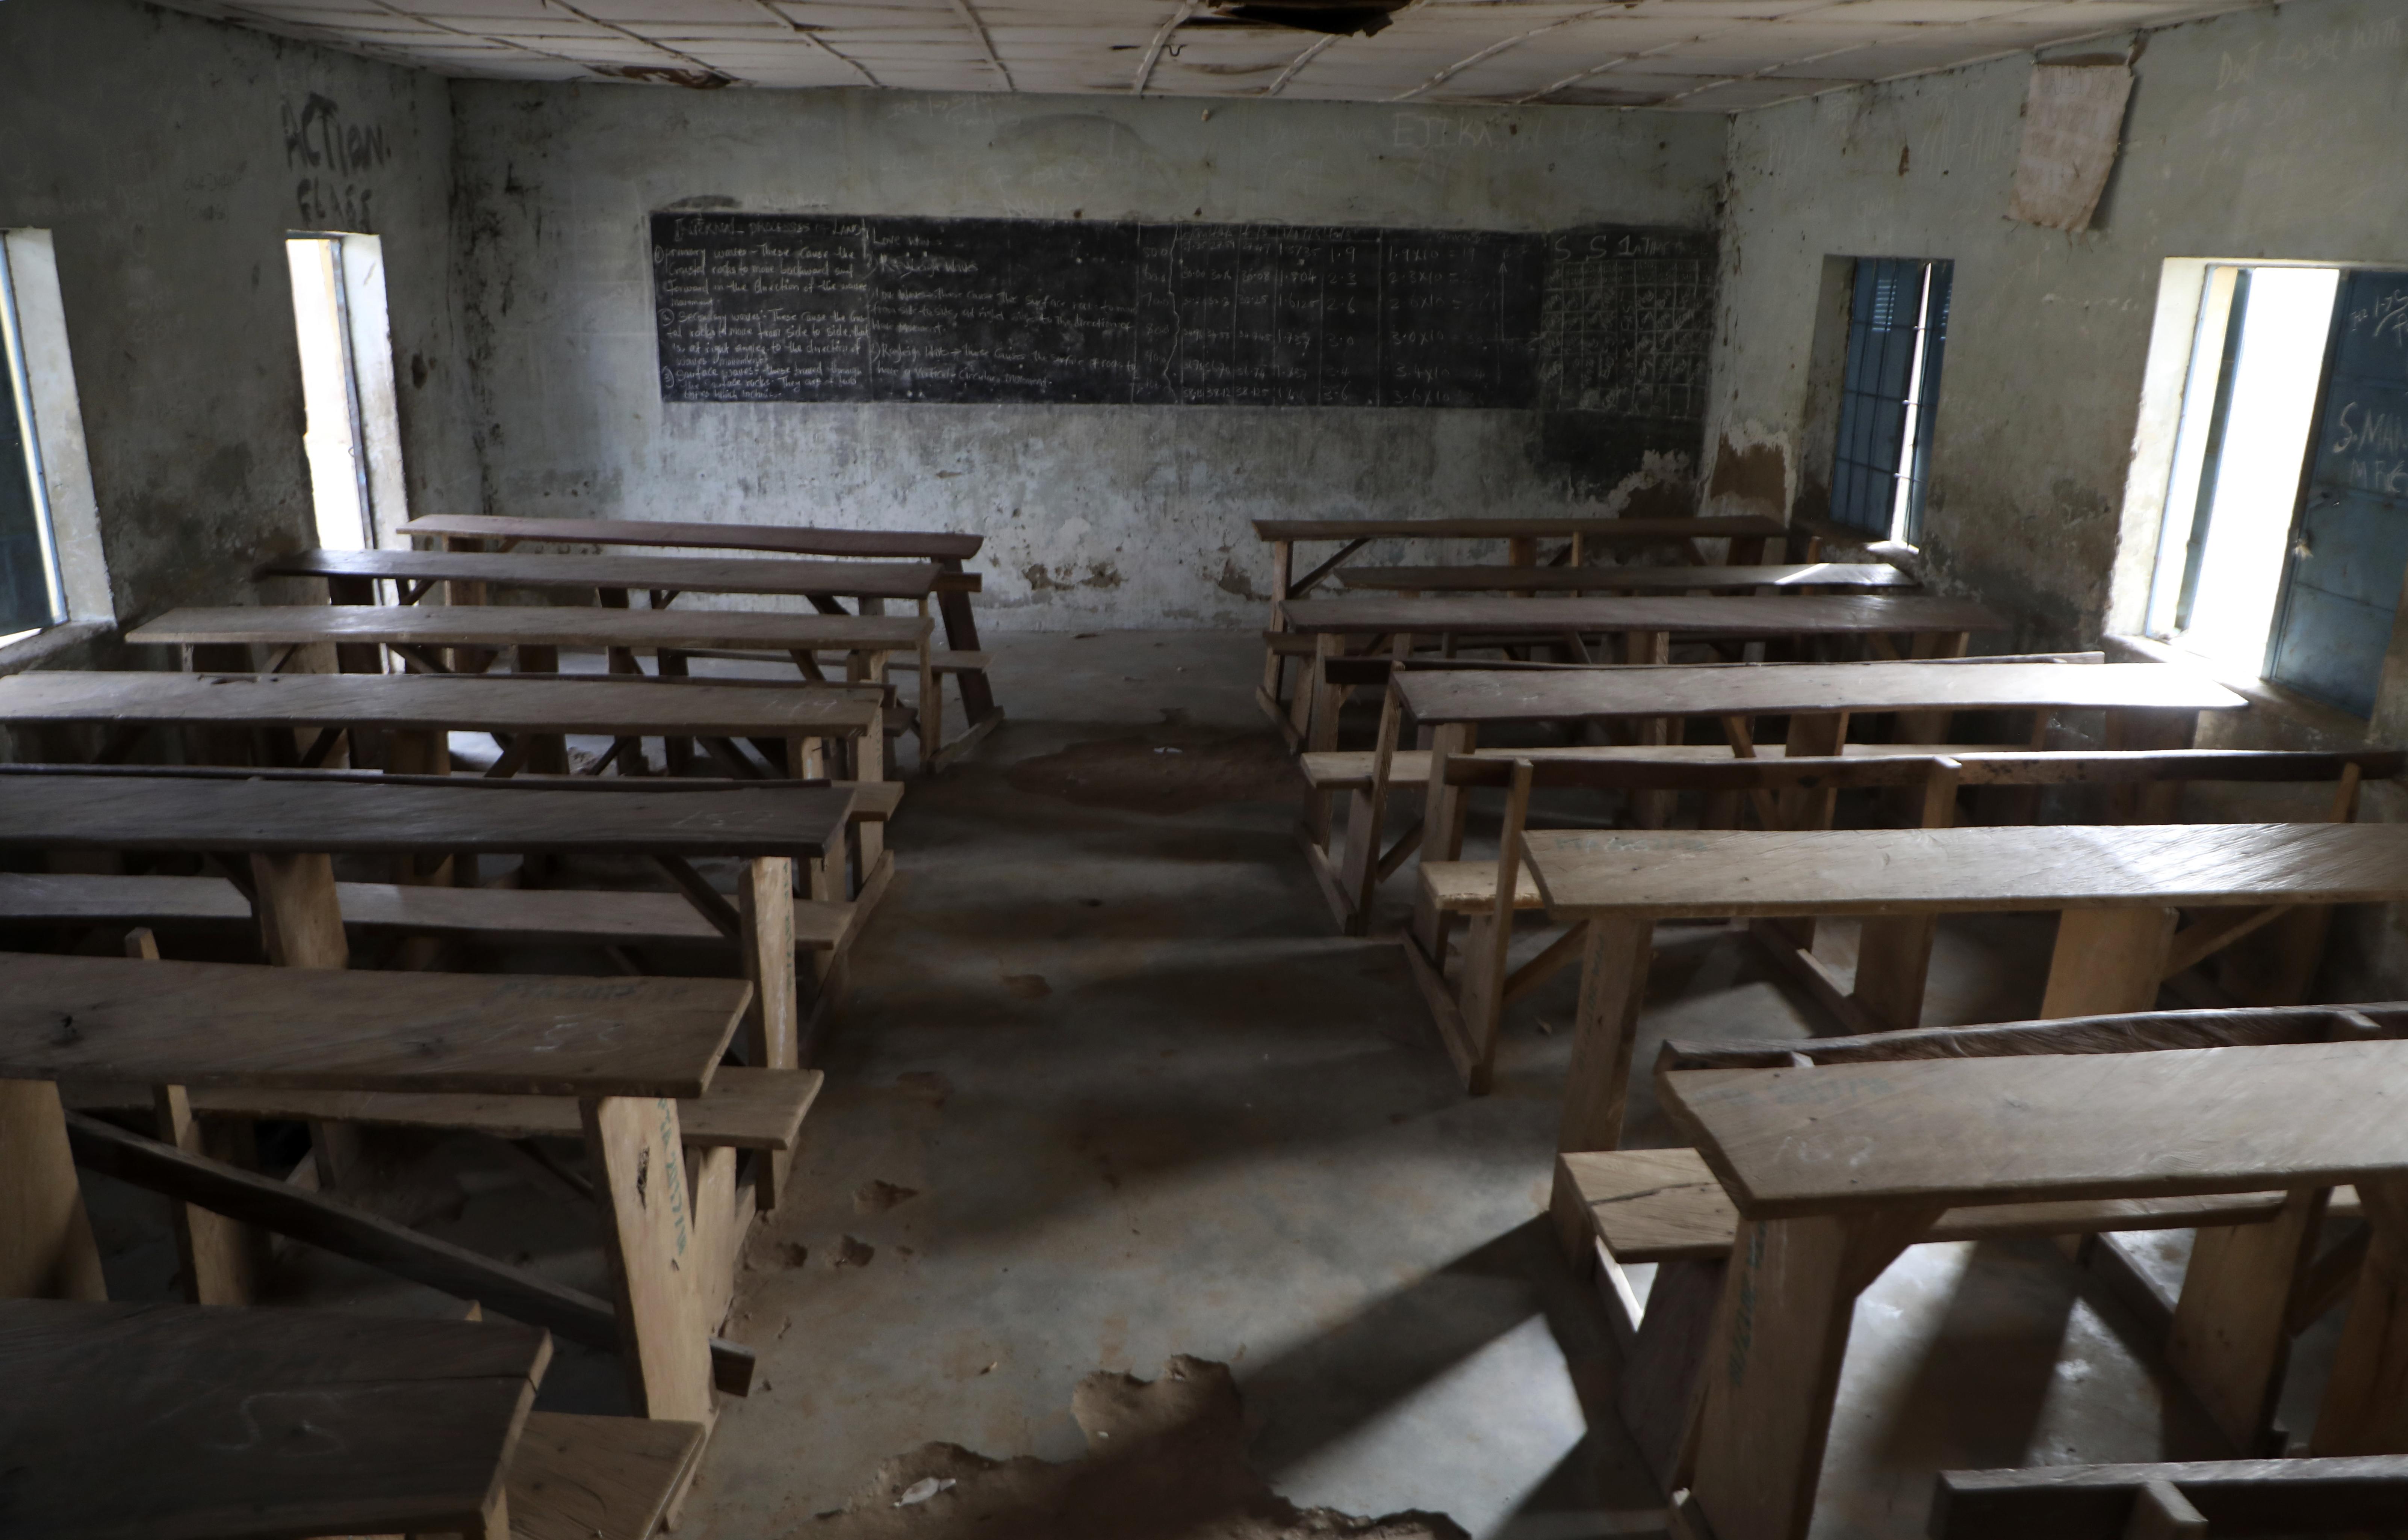 Una aula vacía tras un ataque armado en Kagara, Nigeria.